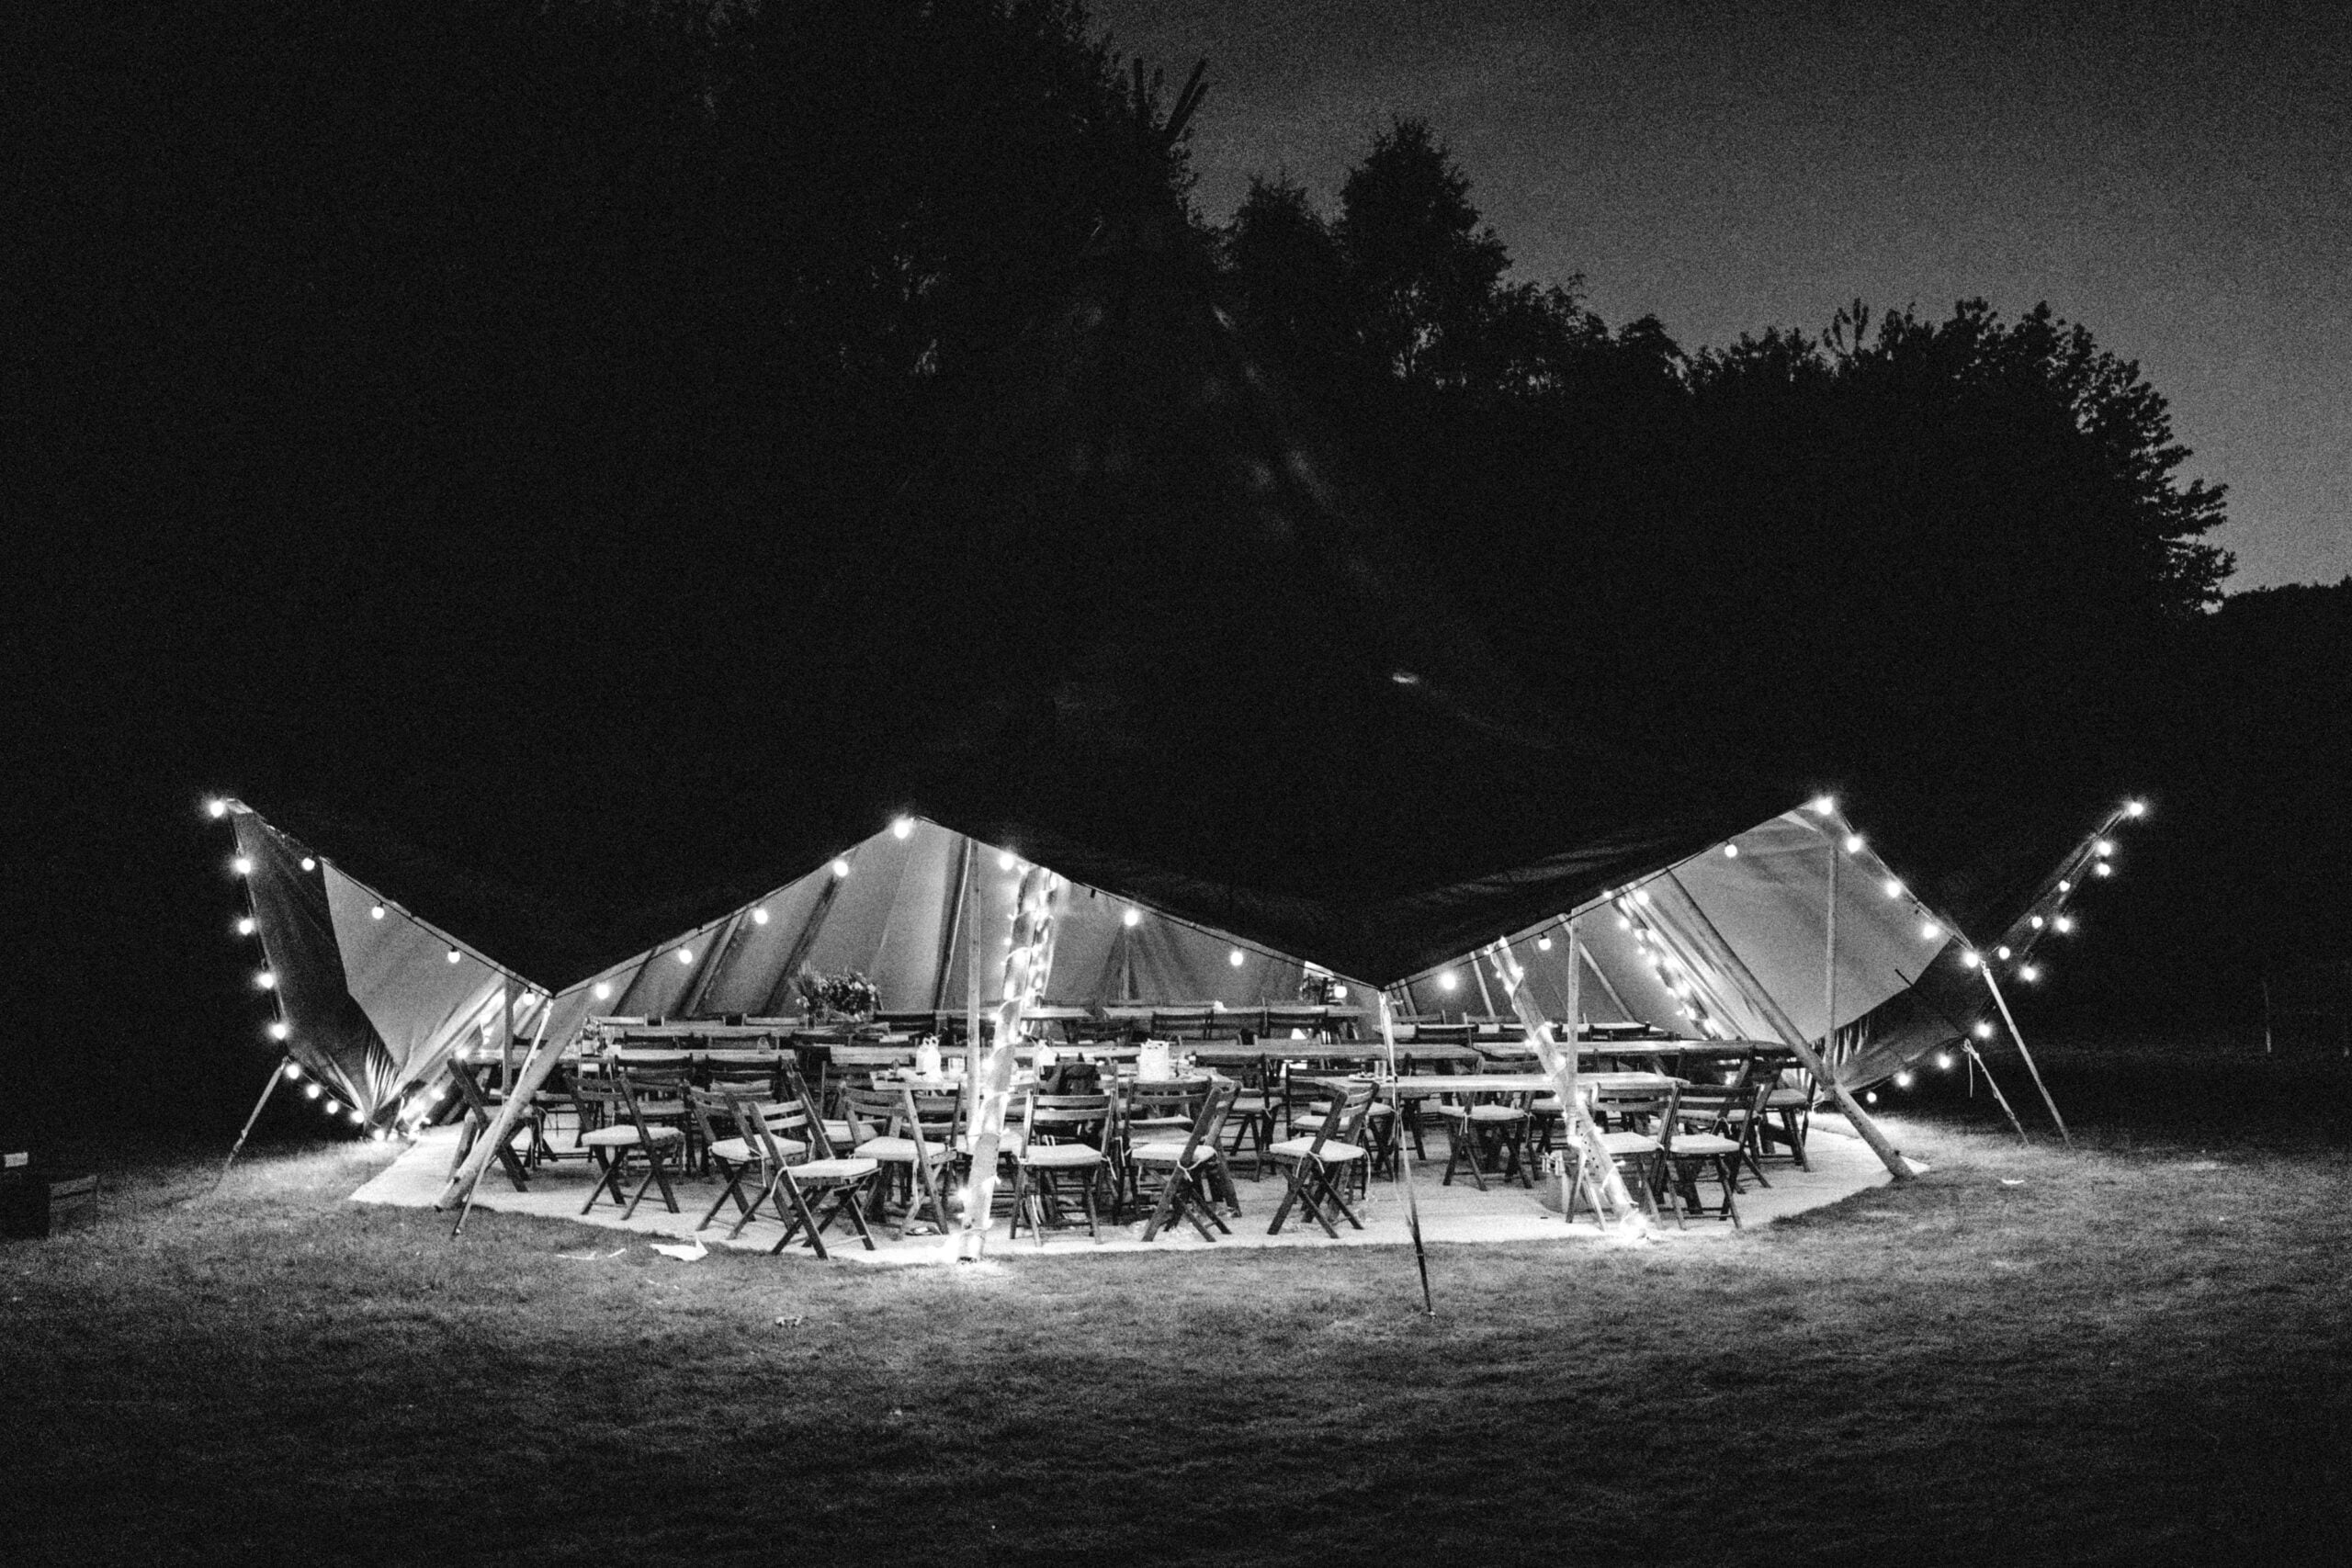 tipi lighting at night at norfolk wedding